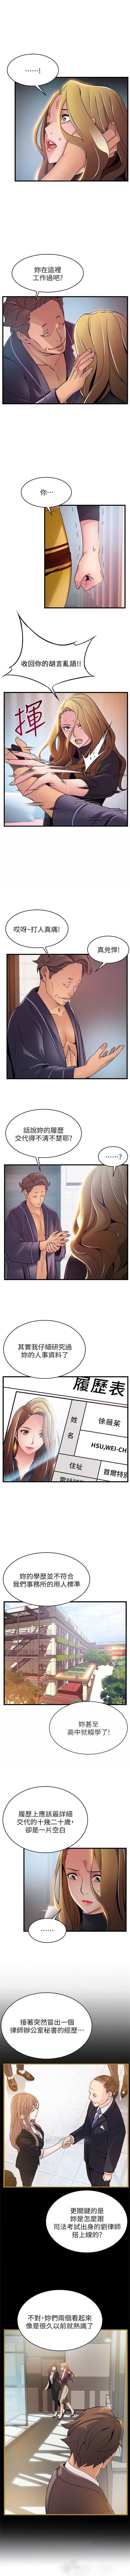 弱點 1-101 官方中文(連載中) 349